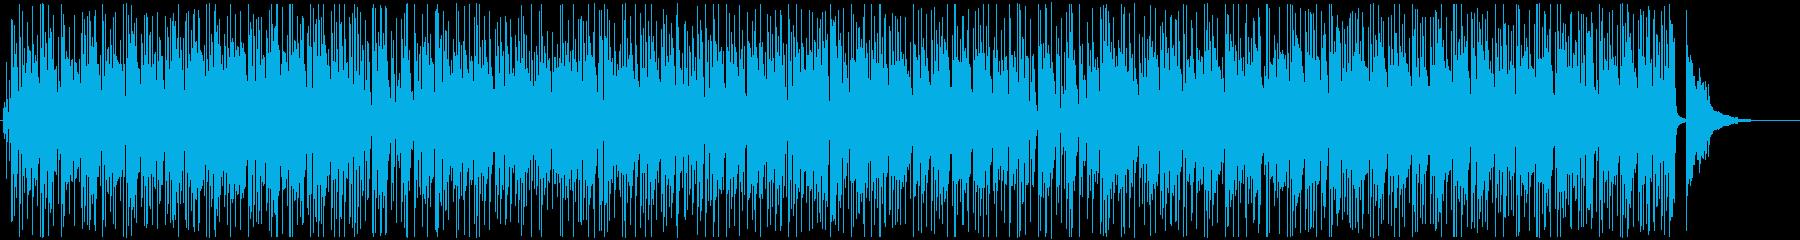 ピアノとサックスのボサノバジャズ♪の再生済みの波形